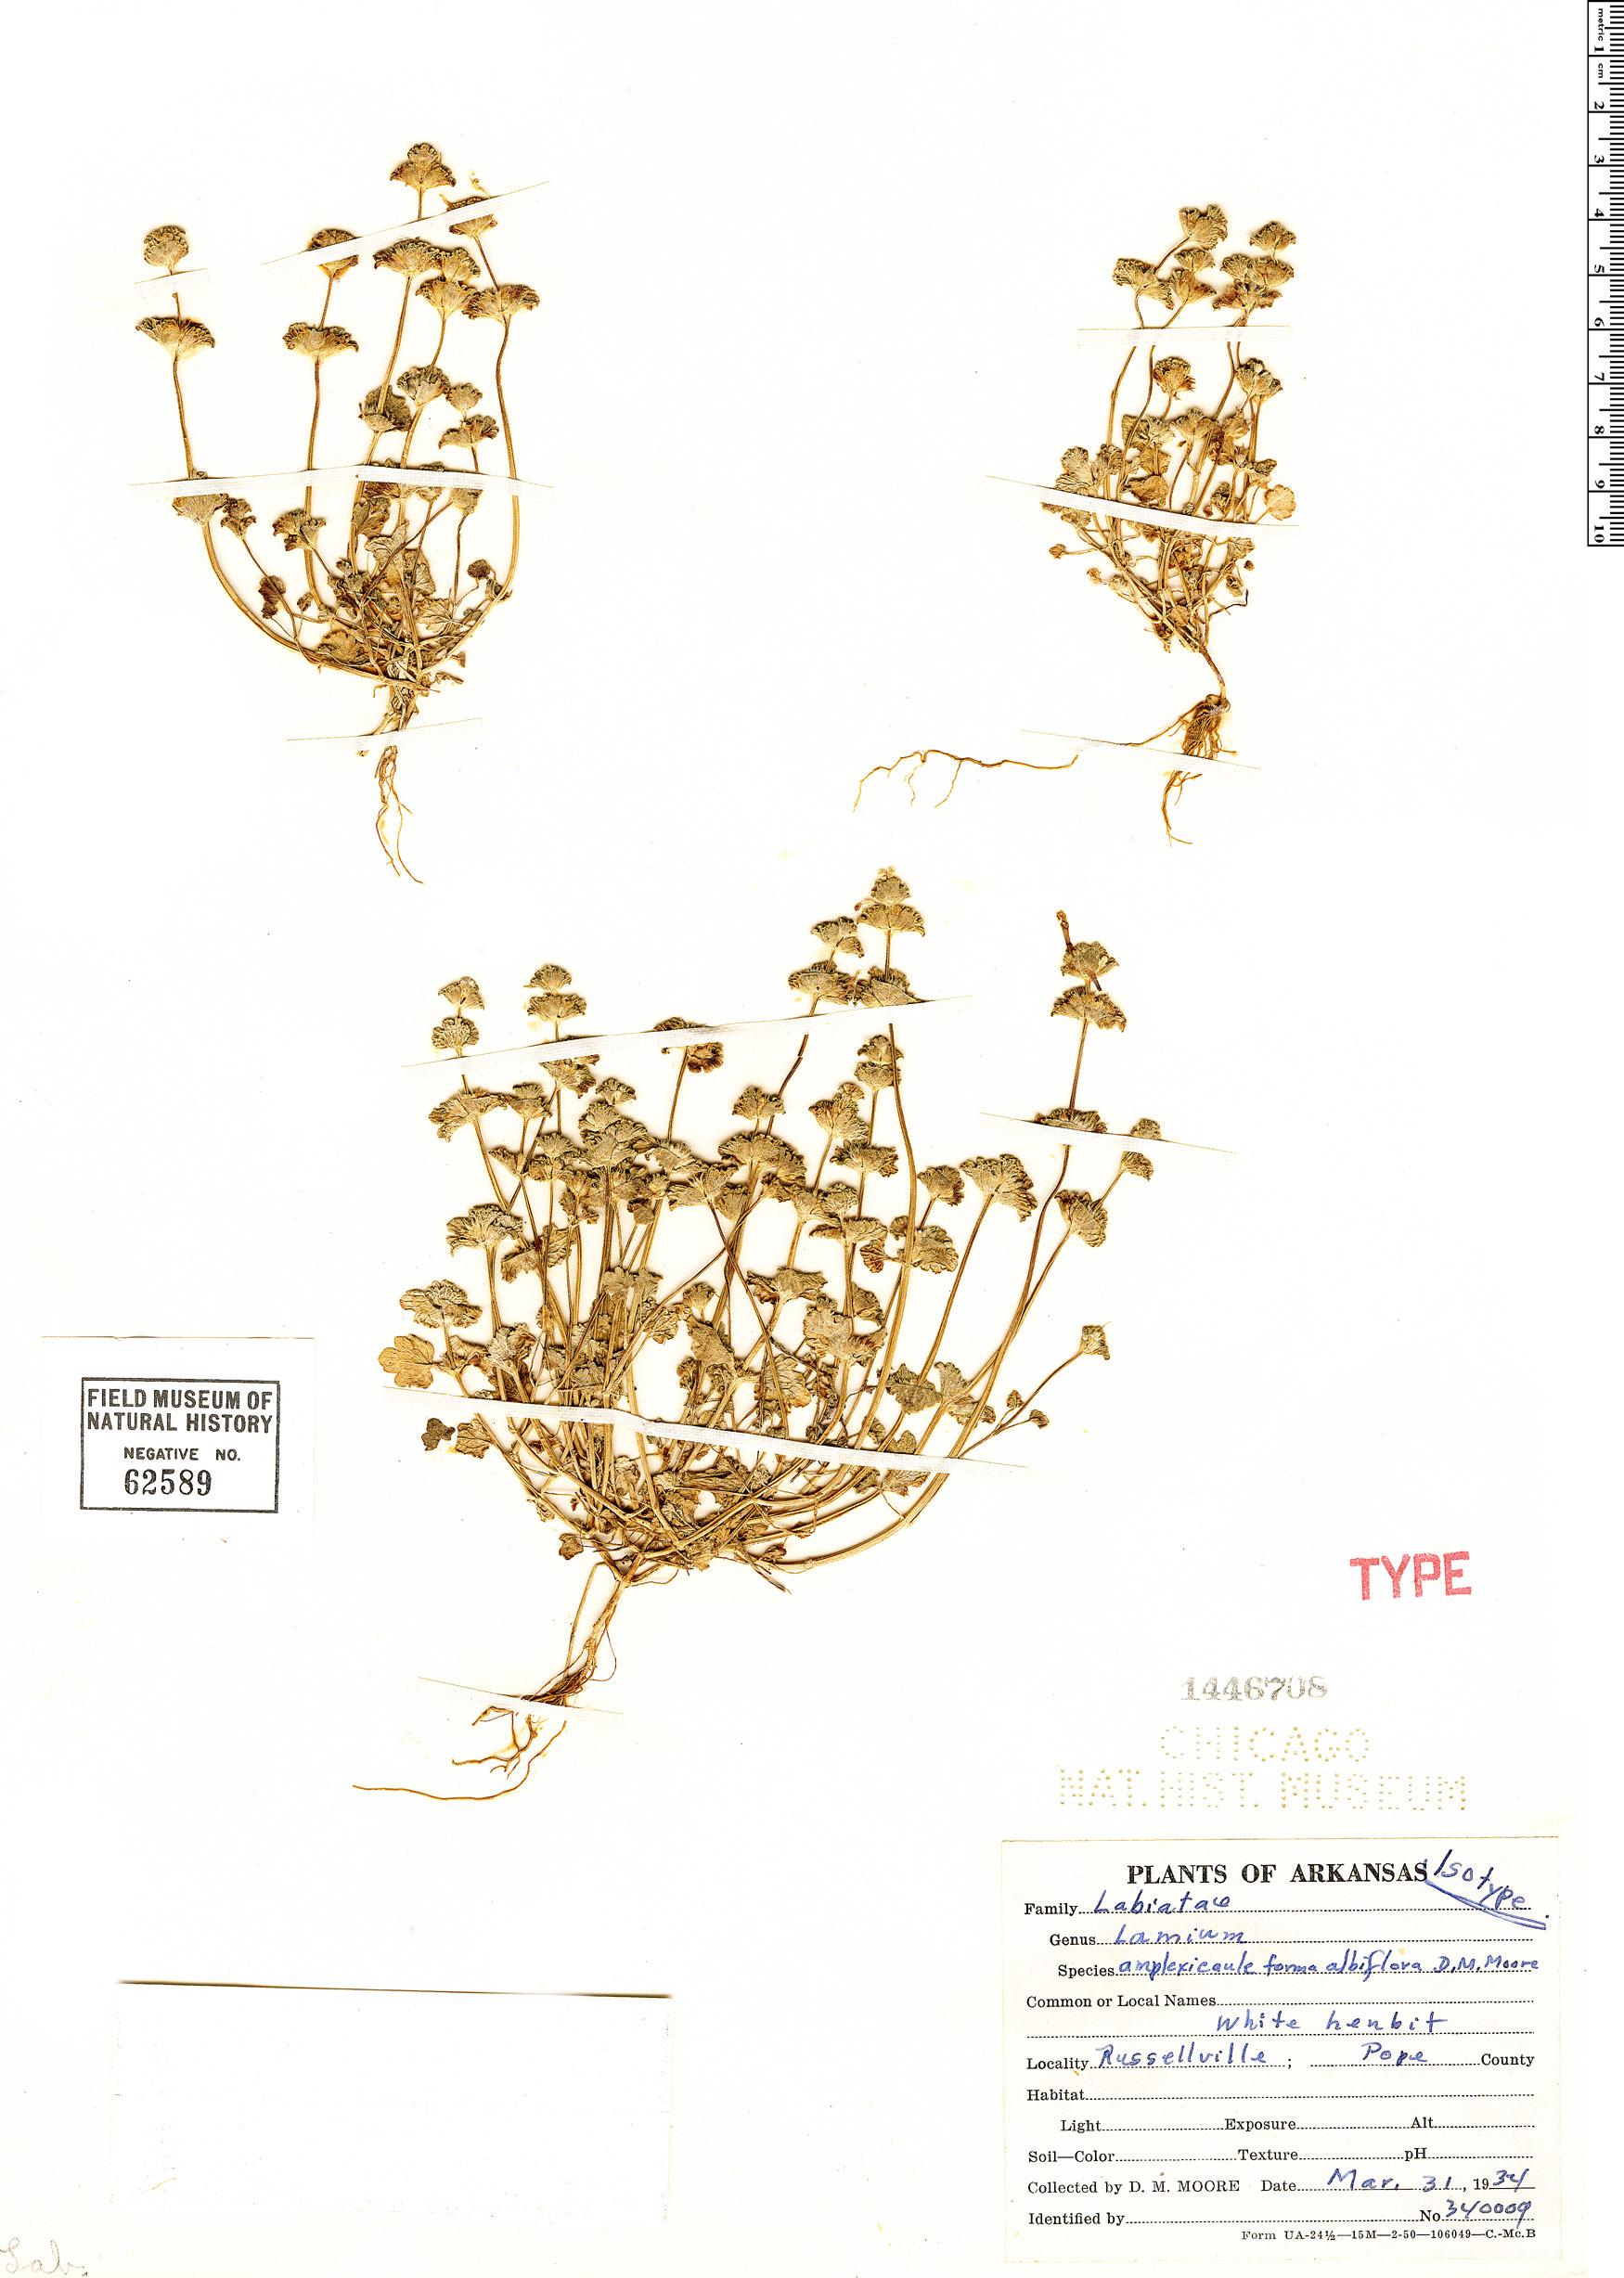 Specimen: Lamium amplexicaule